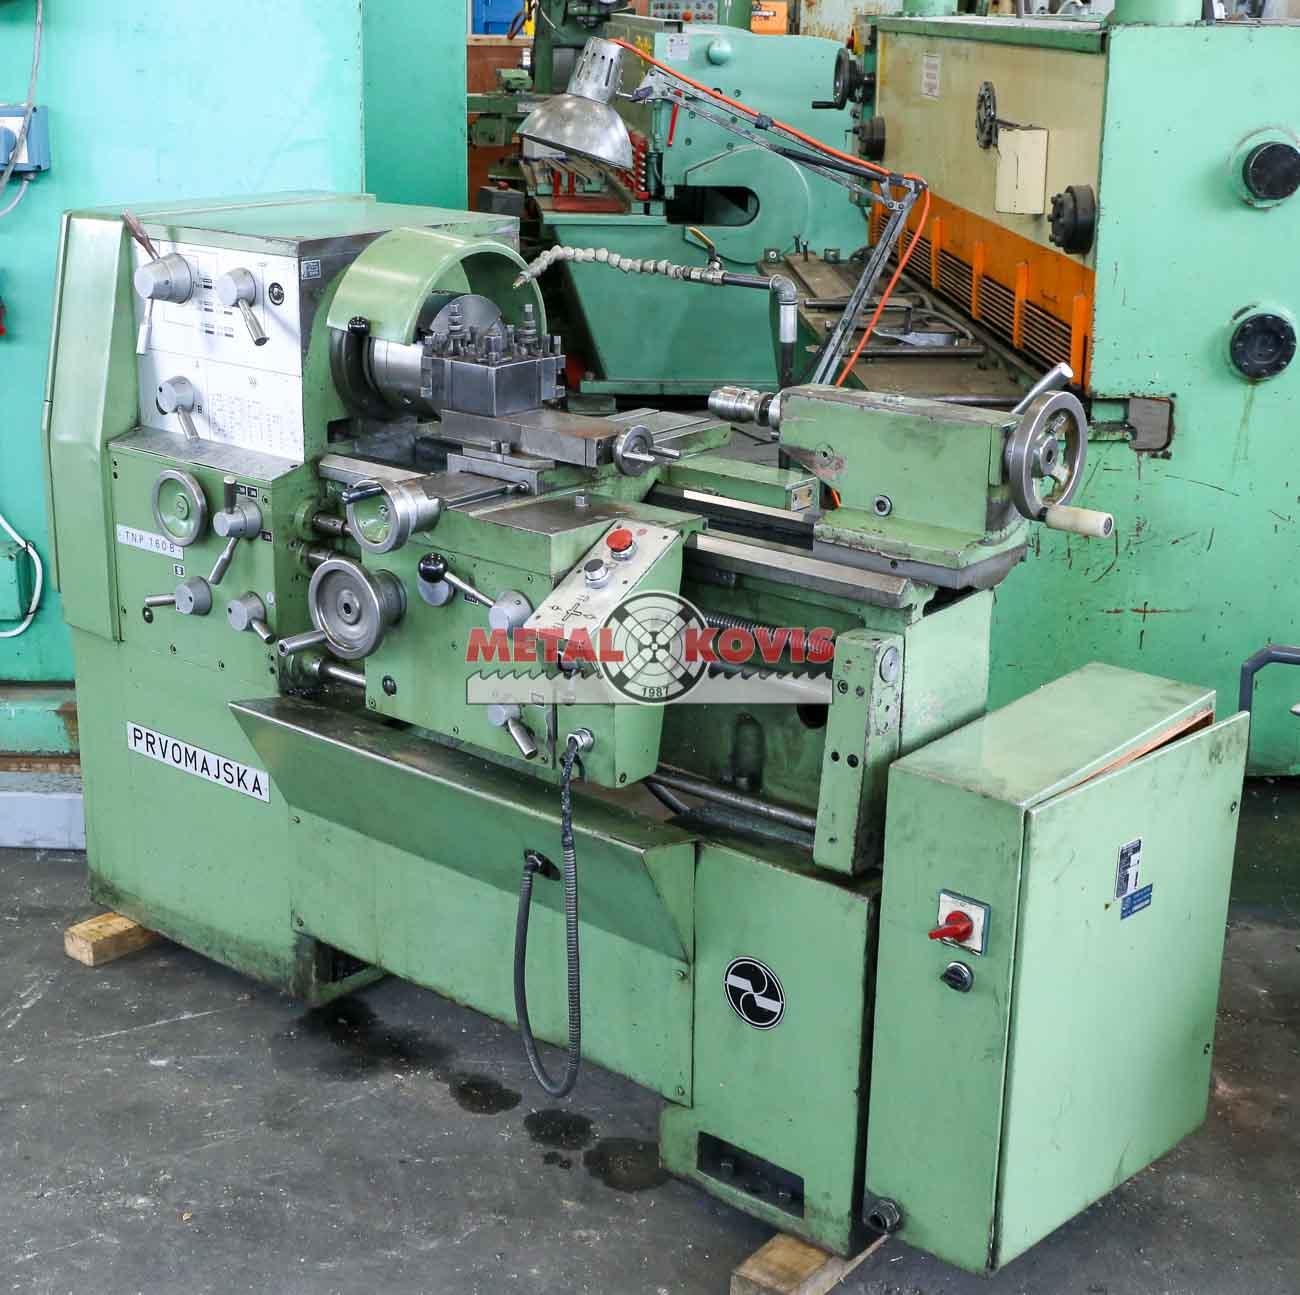 Tokarski stroj Prvomajska TNP-160 Bx500 mm